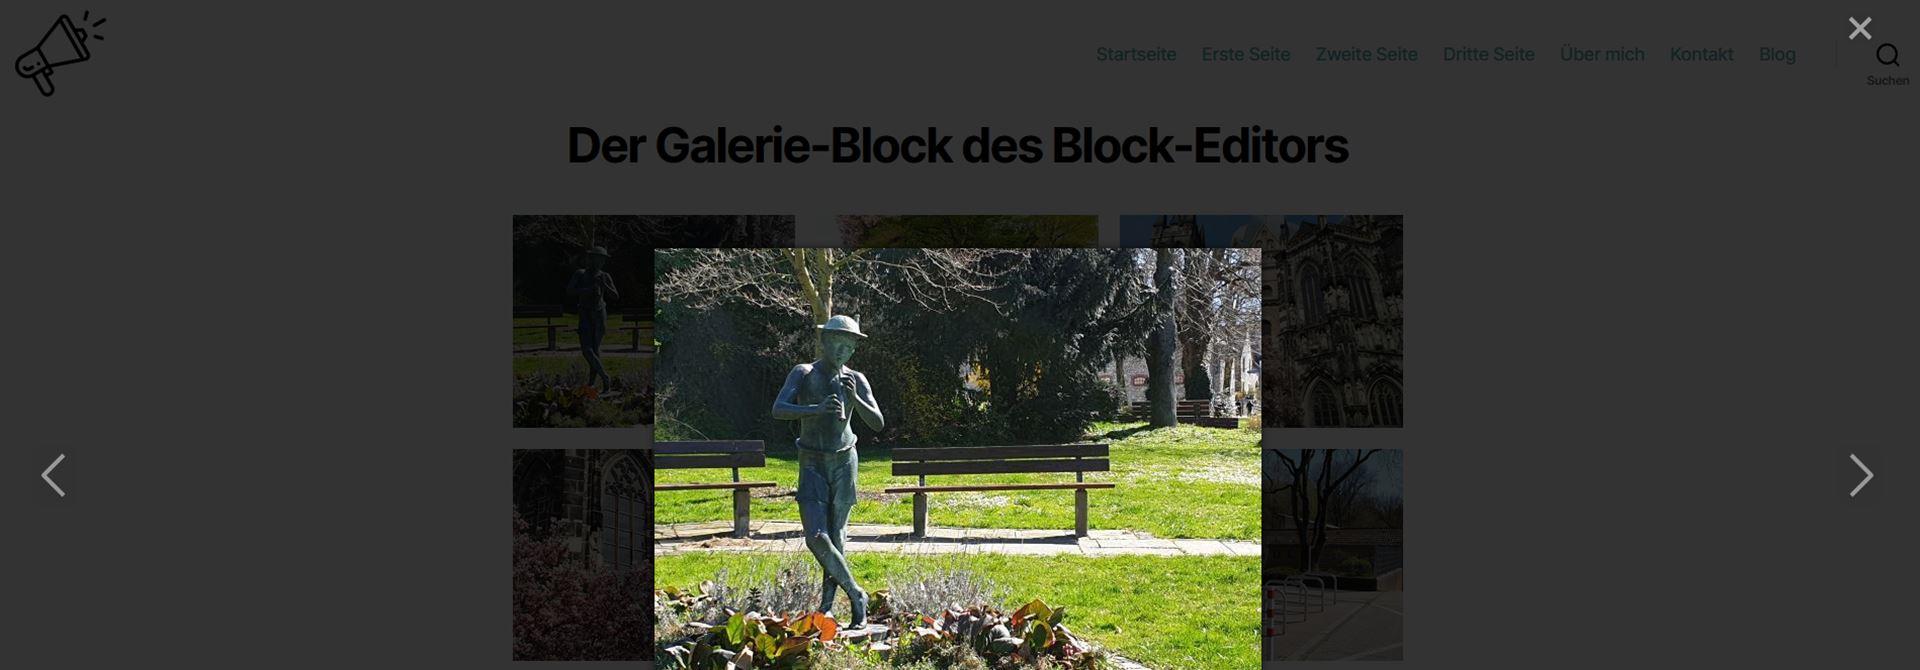 Bild in einer Lightbox bei Verwendung des Galerie-Blocks auf einer WordPress-Webseite